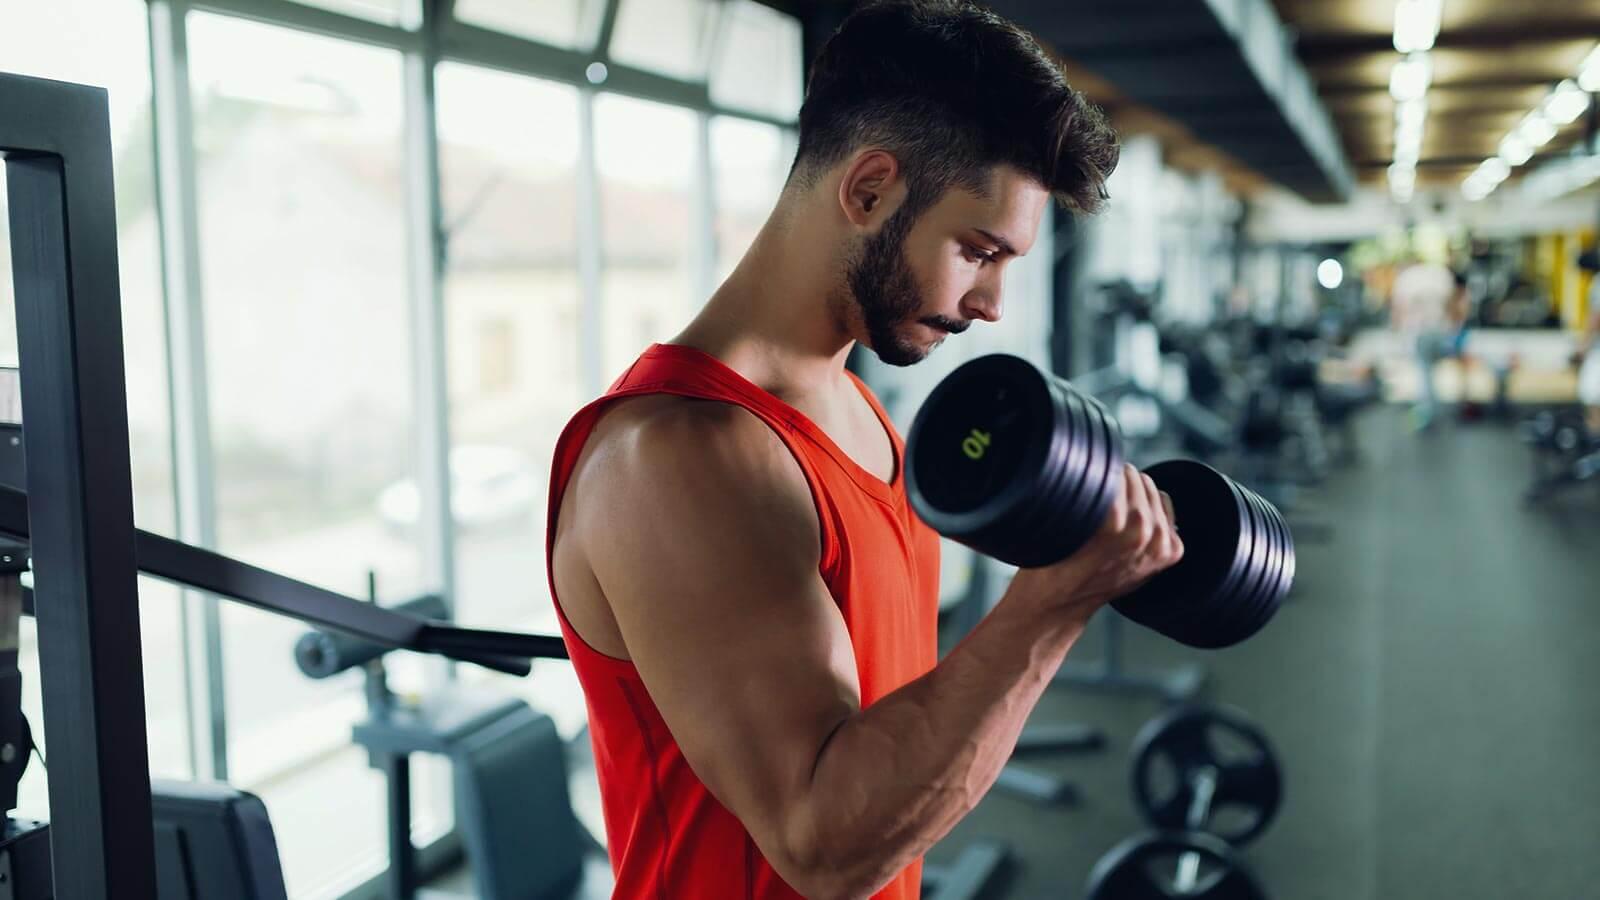 Principes de base pour la prise de muscle